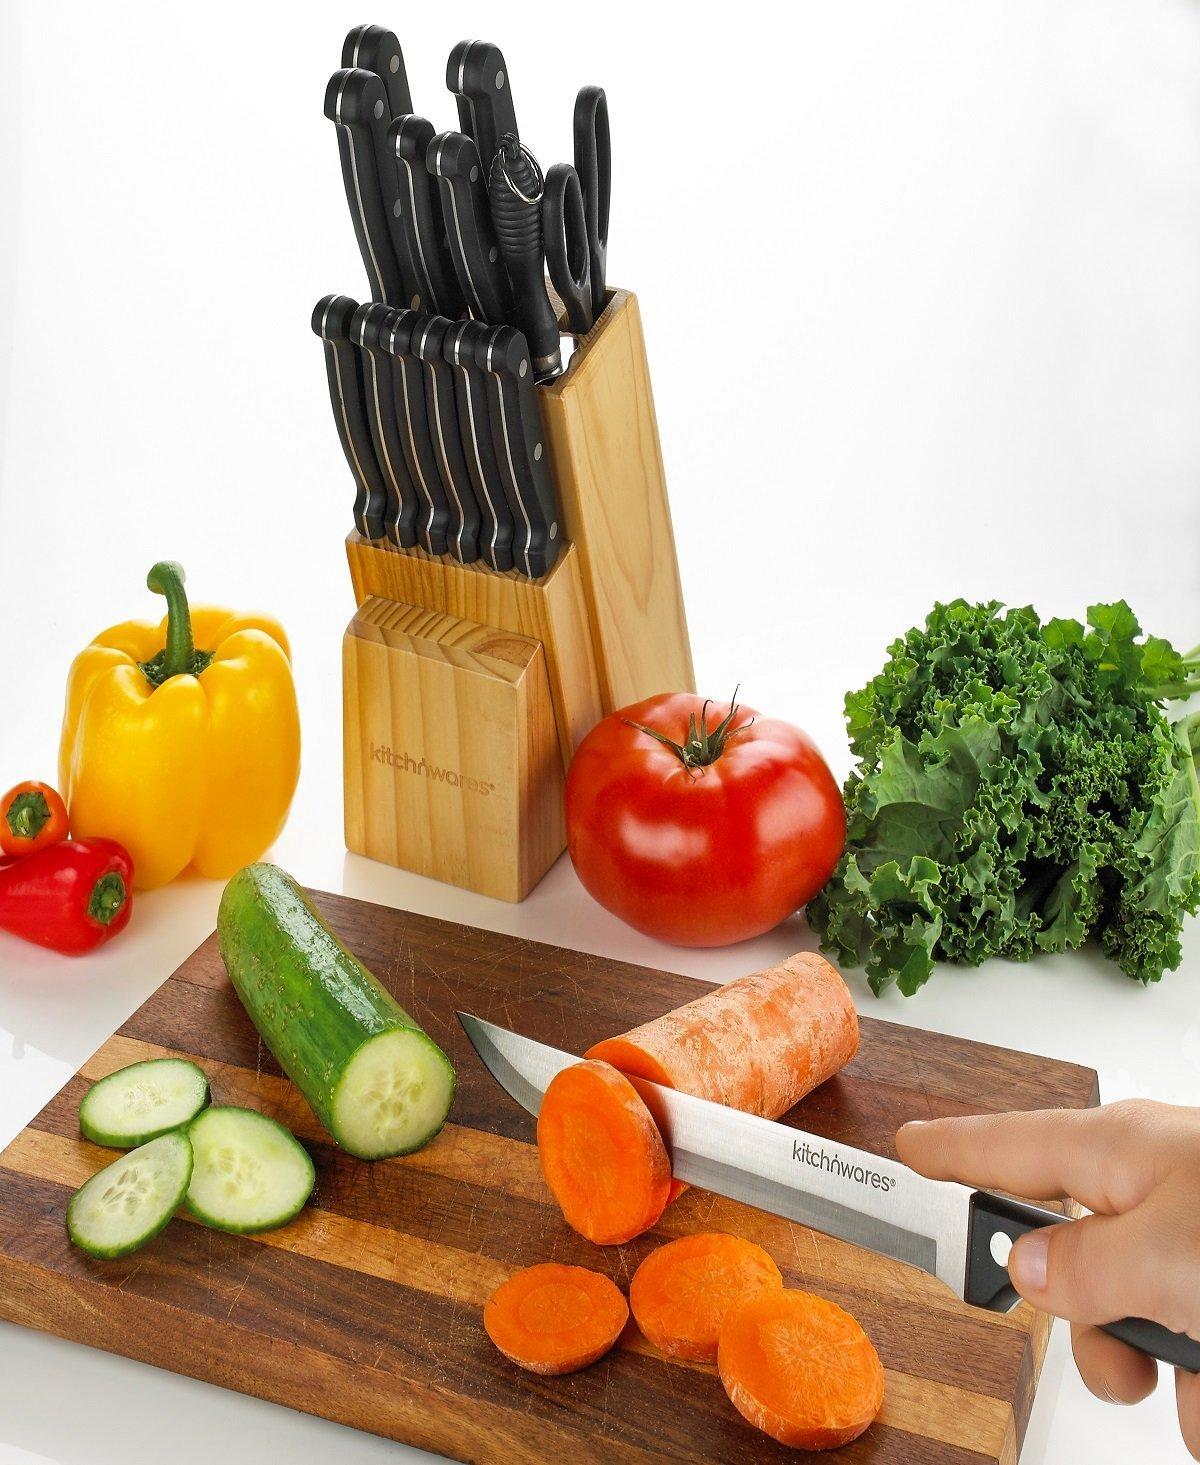 Amazon.com: Juegos De Cuchillos De Cocina - 15 Piezas De Calidad, Precision, y Bien Afilados Para Cocinar Sin Problema: Kitchen & Dining